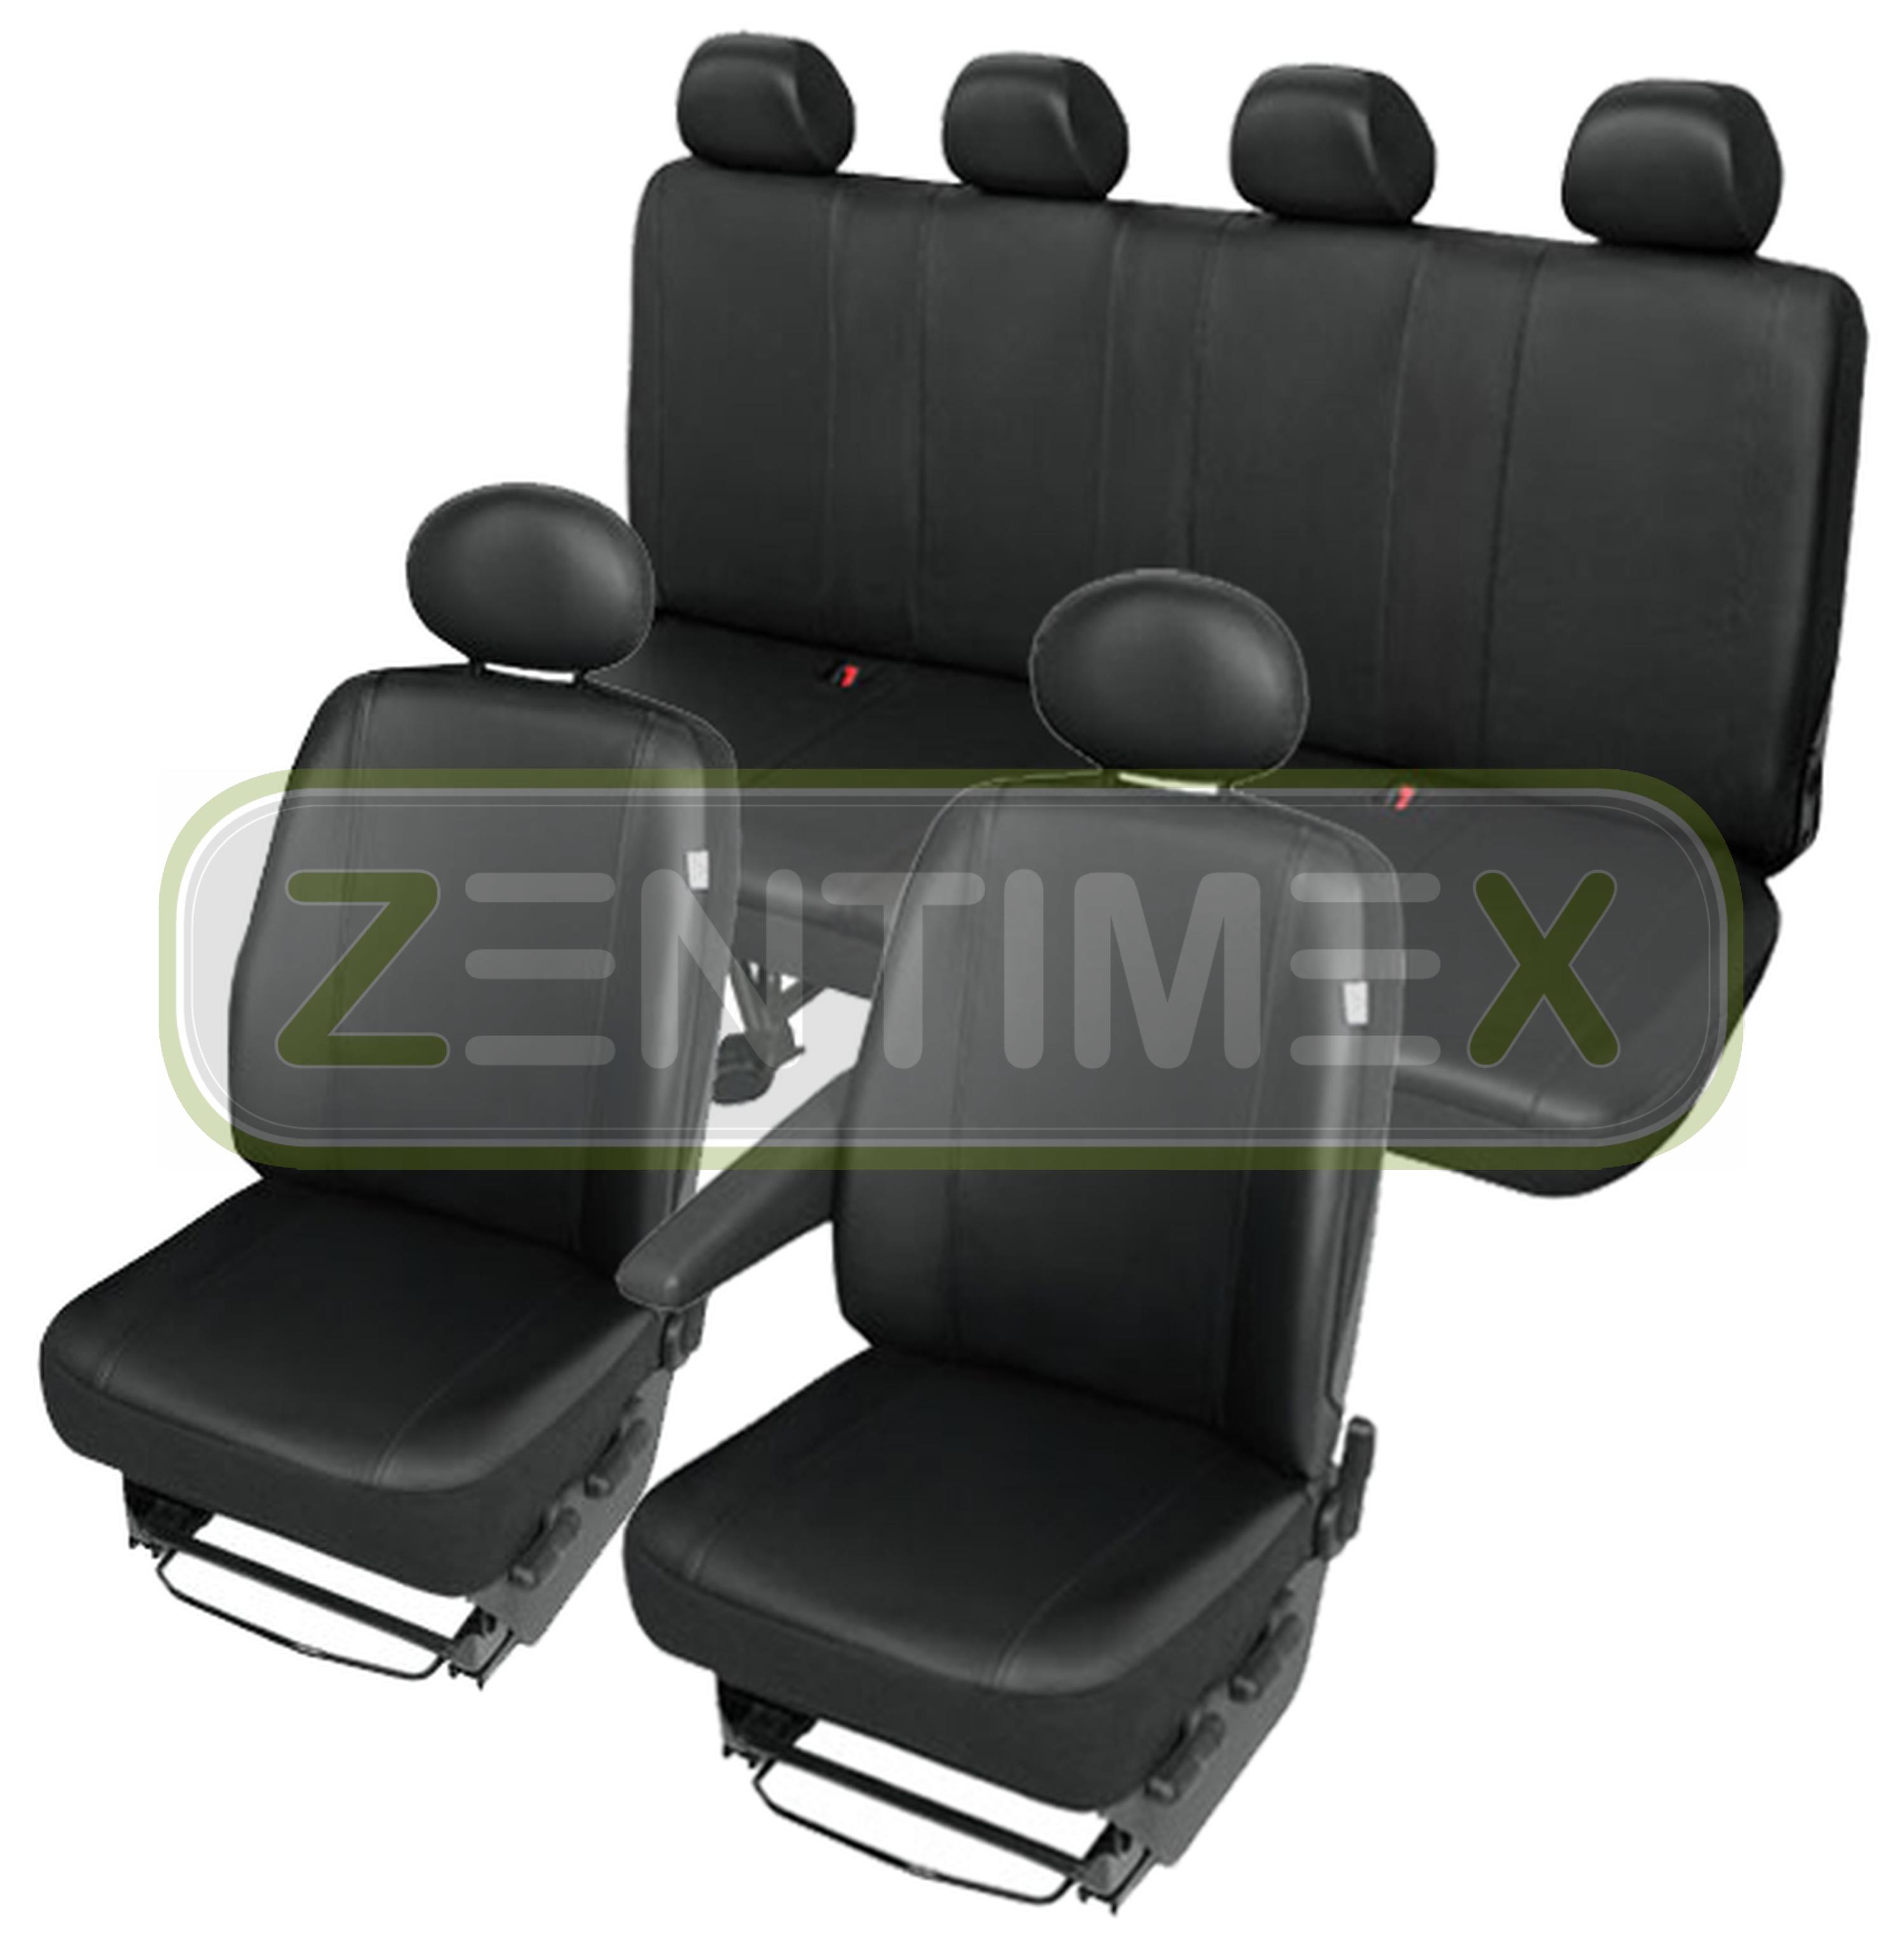 Sitzbezüge Schonbezüge SET QX Hyundai H-1 H1 Kunstleder schwarz